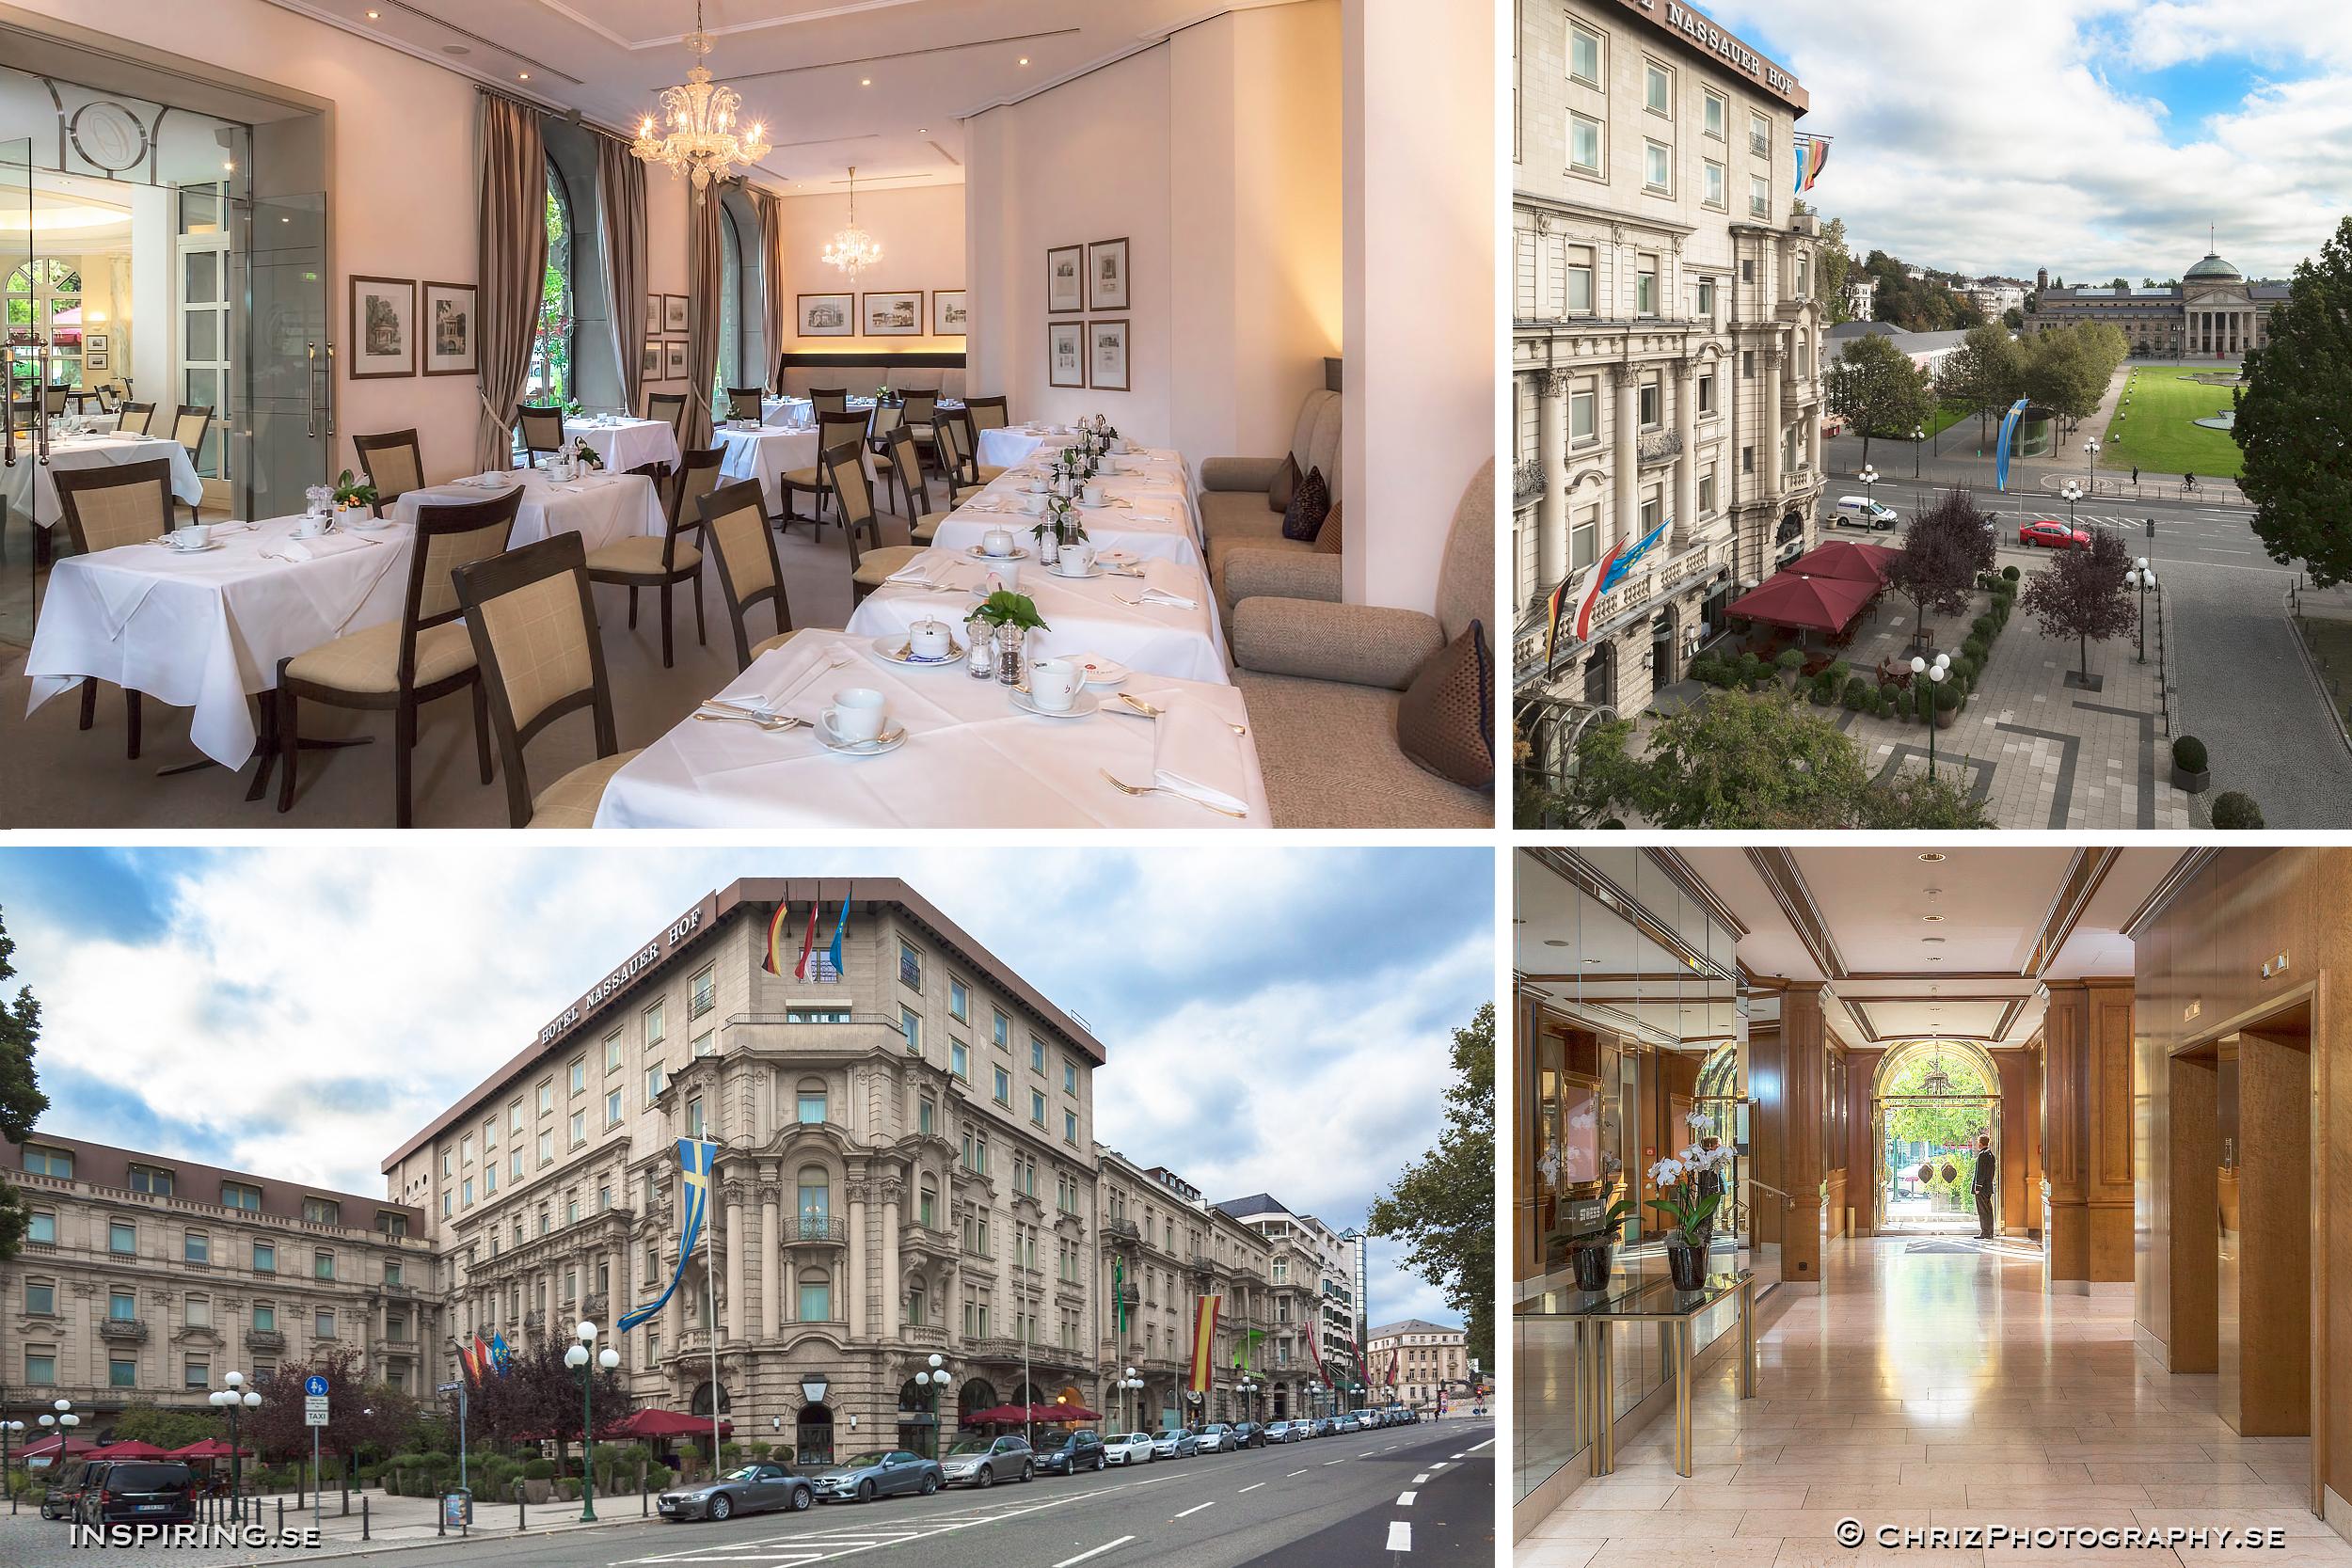 Hotel_Nassauer_Hof_Inspiring.se_copyright_ChrizPhotography.se_13.jpg